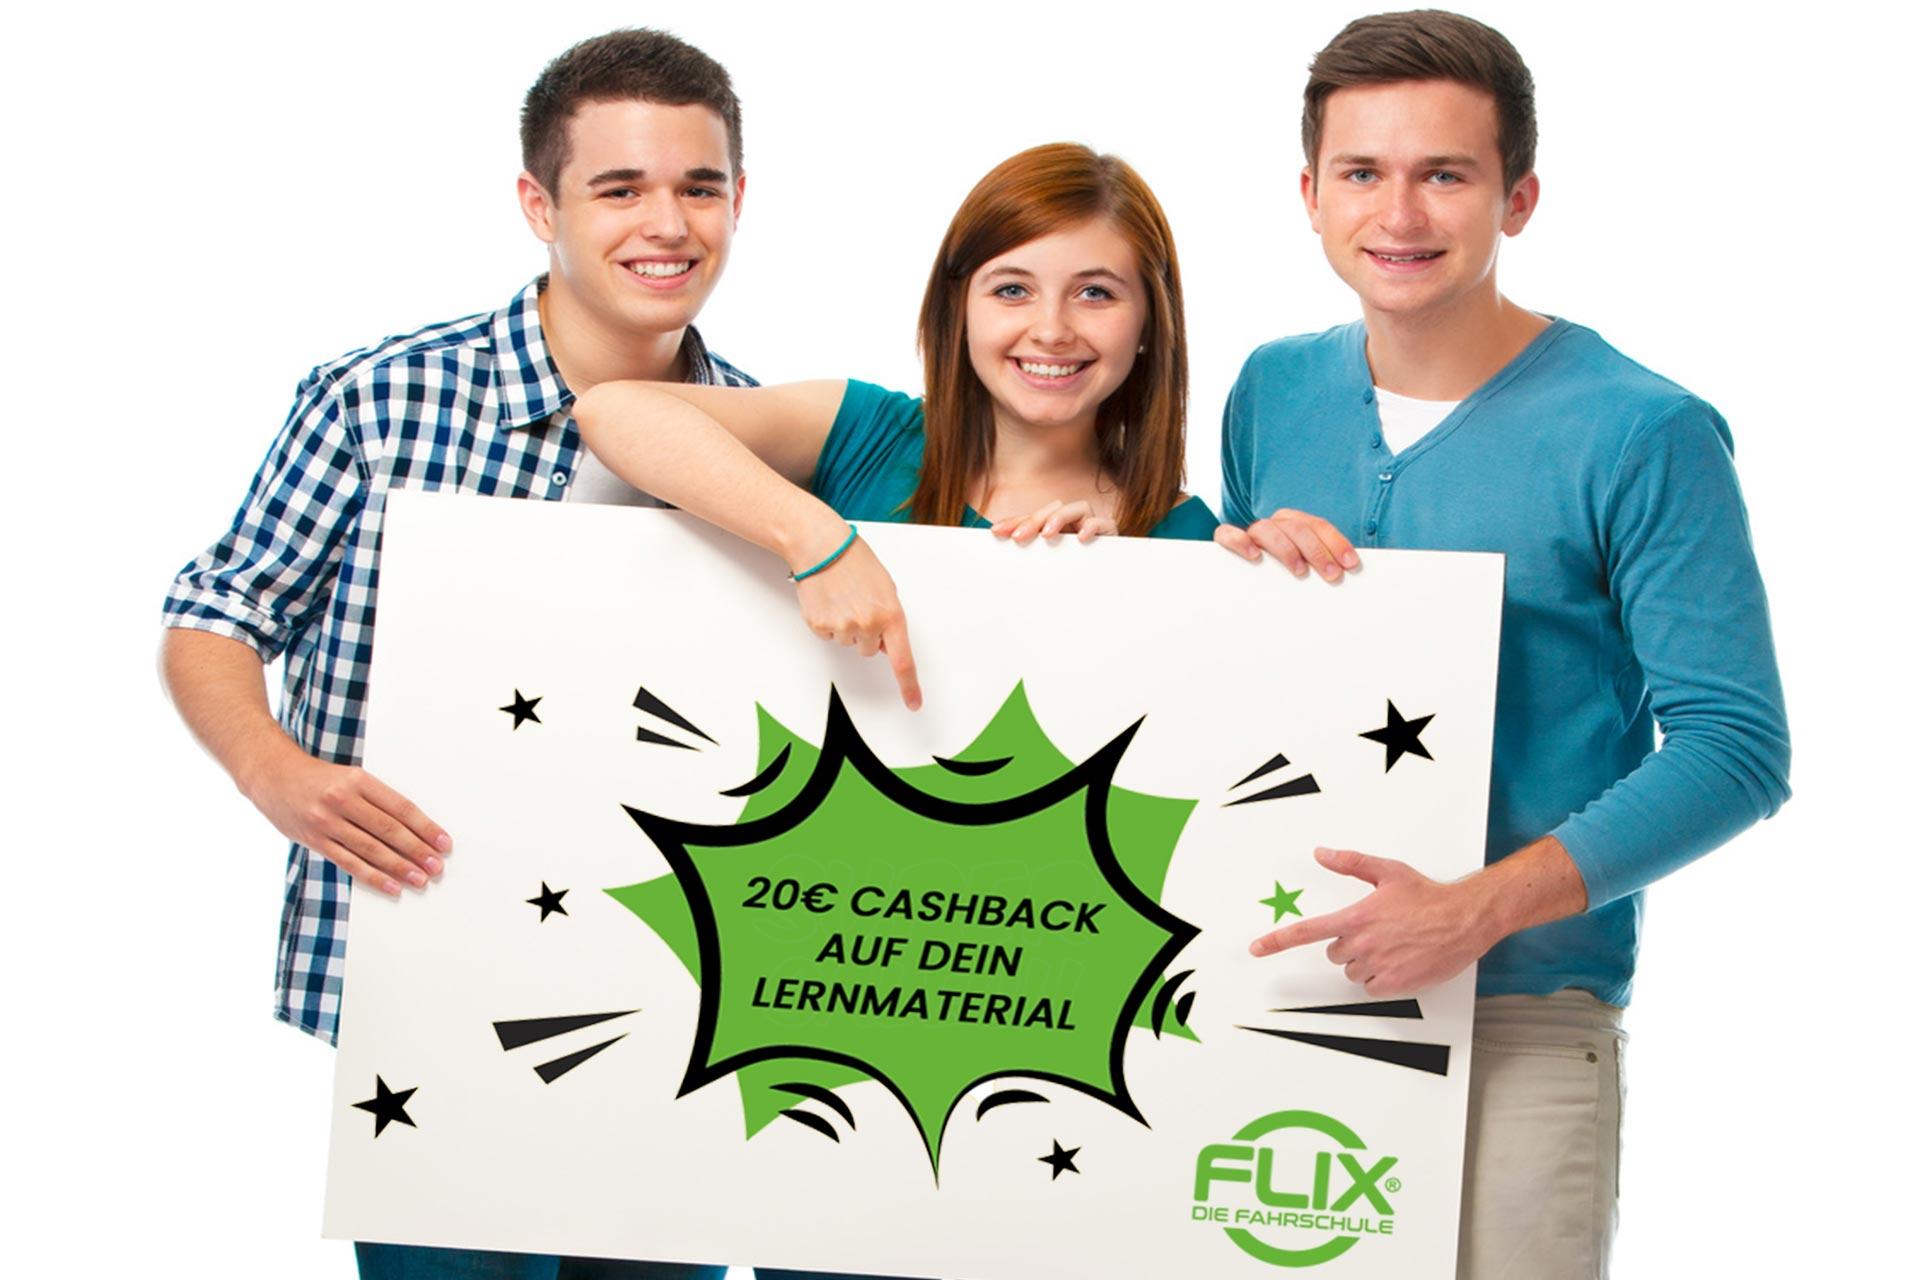 Flix & easy online Voranmeldung abschicken.